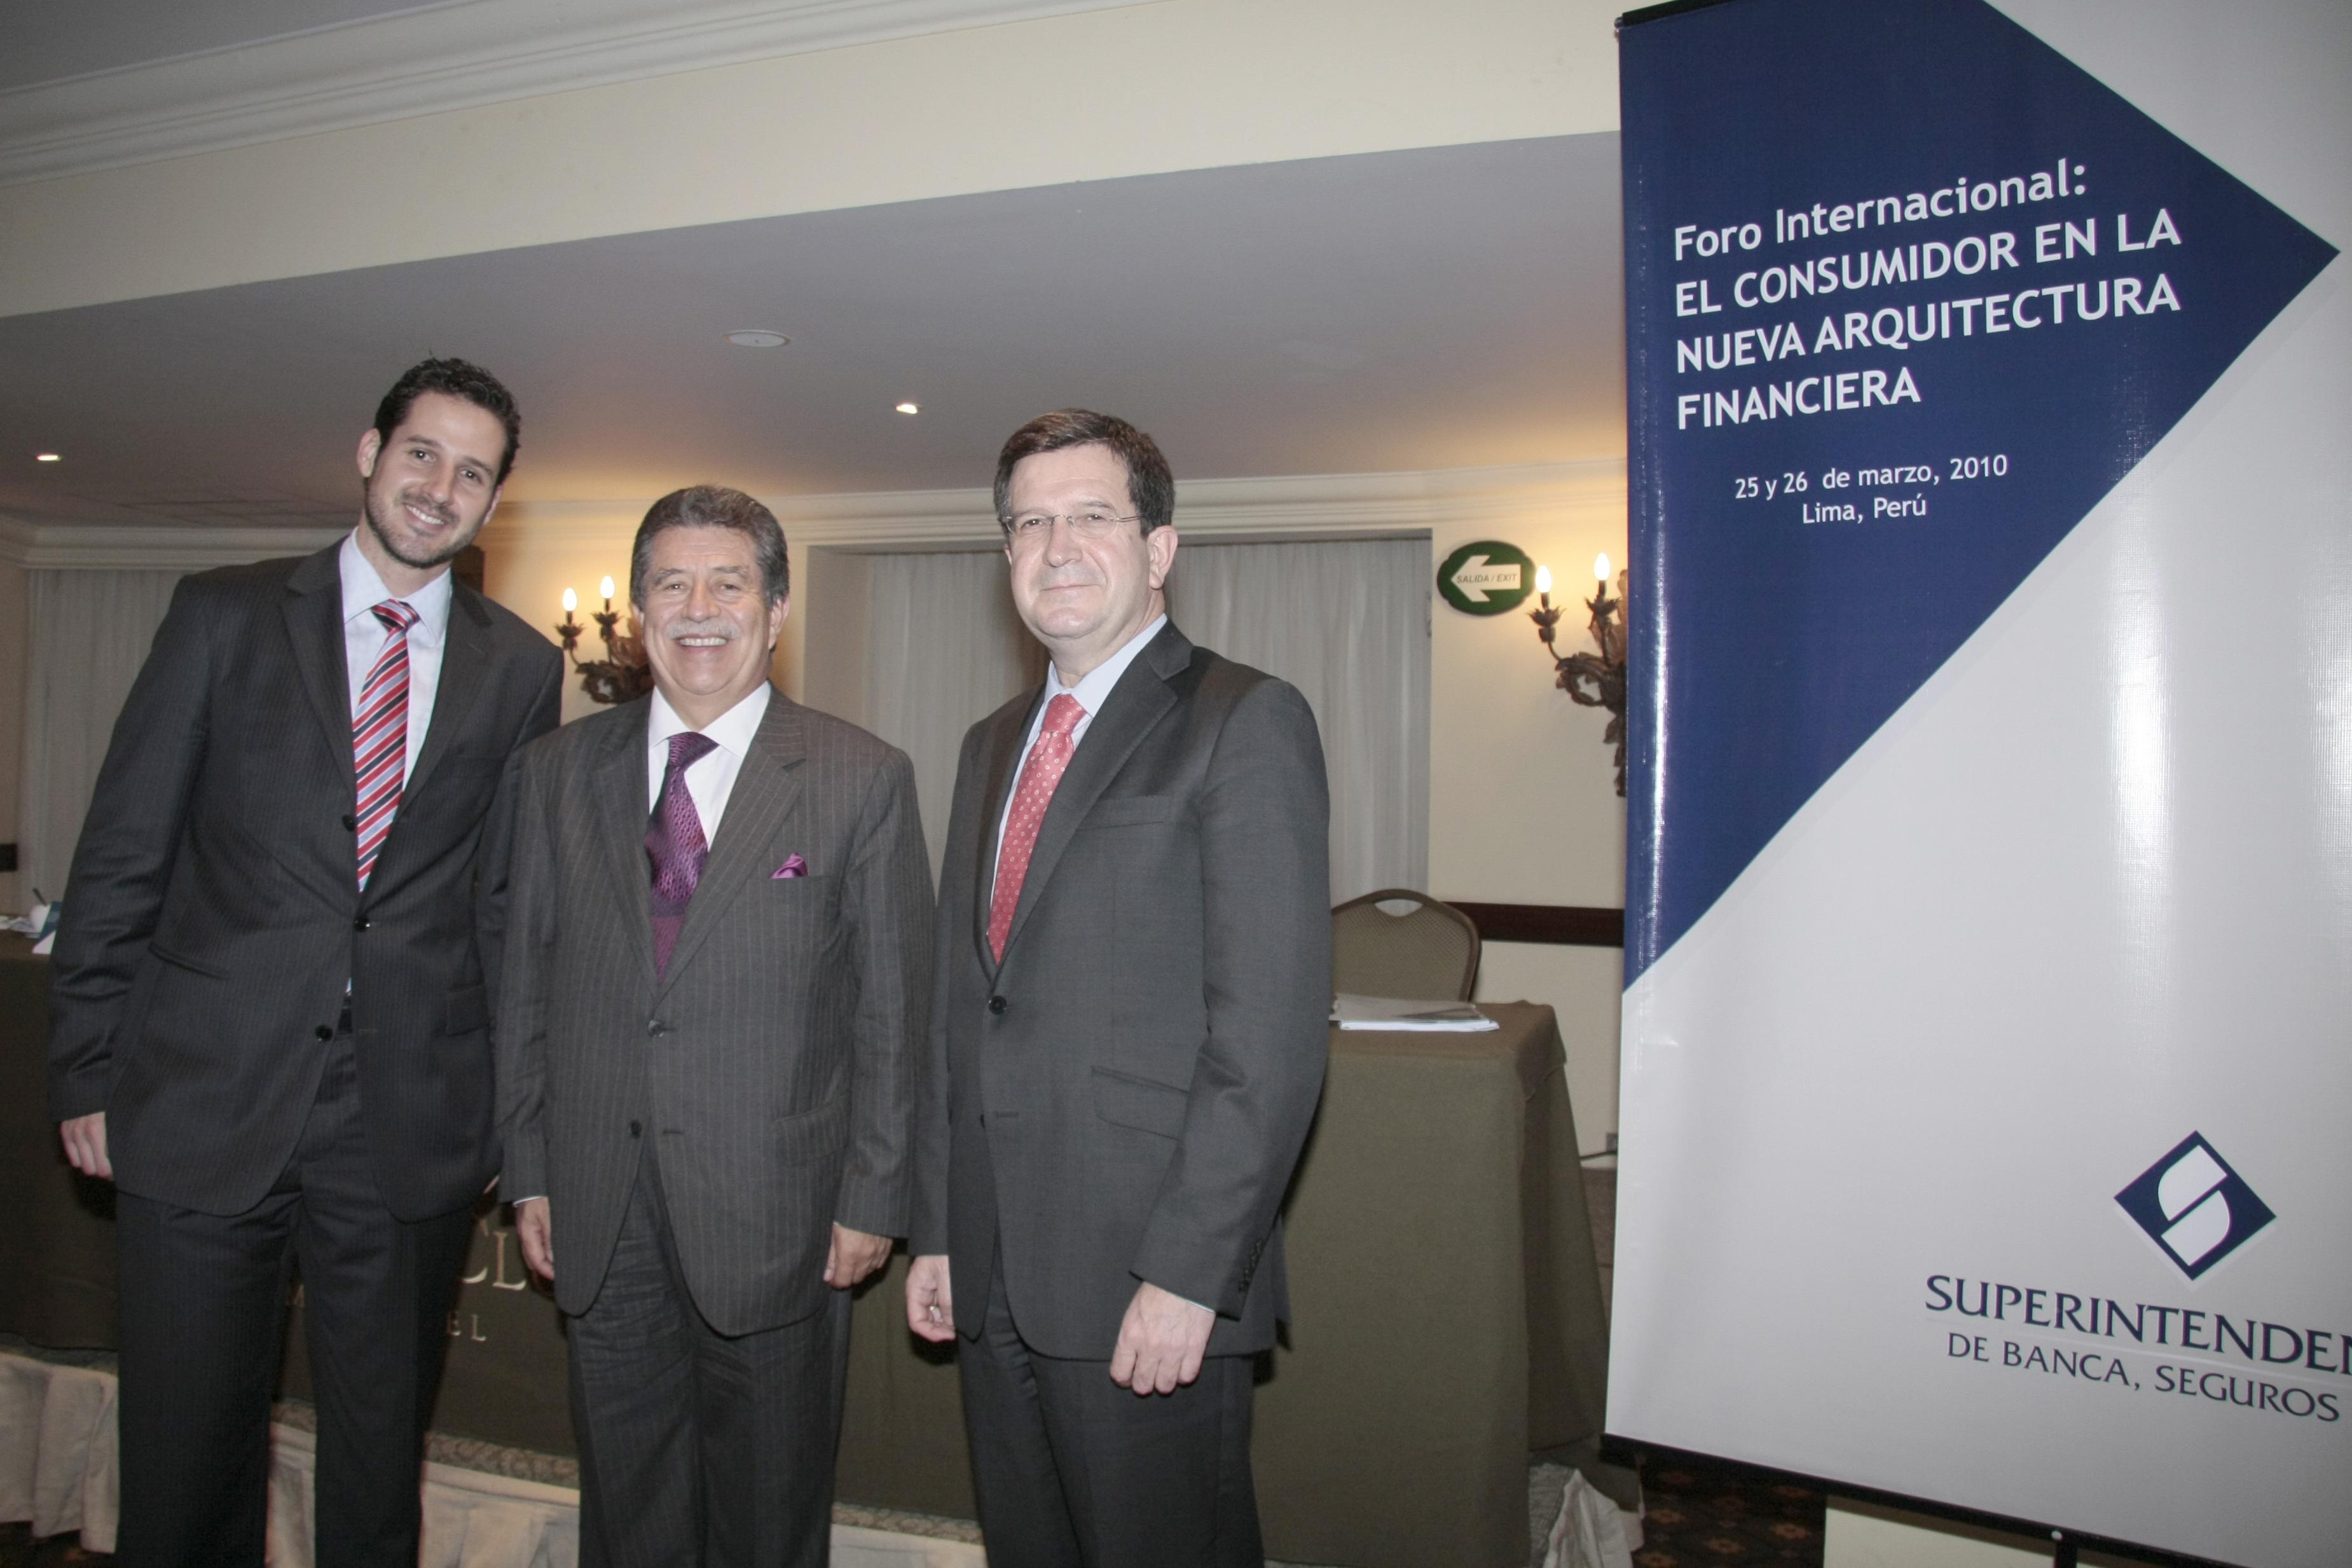 foroperu expertosinternacionales Foro internacional: el consumidor en la nueva arquitectura financiera